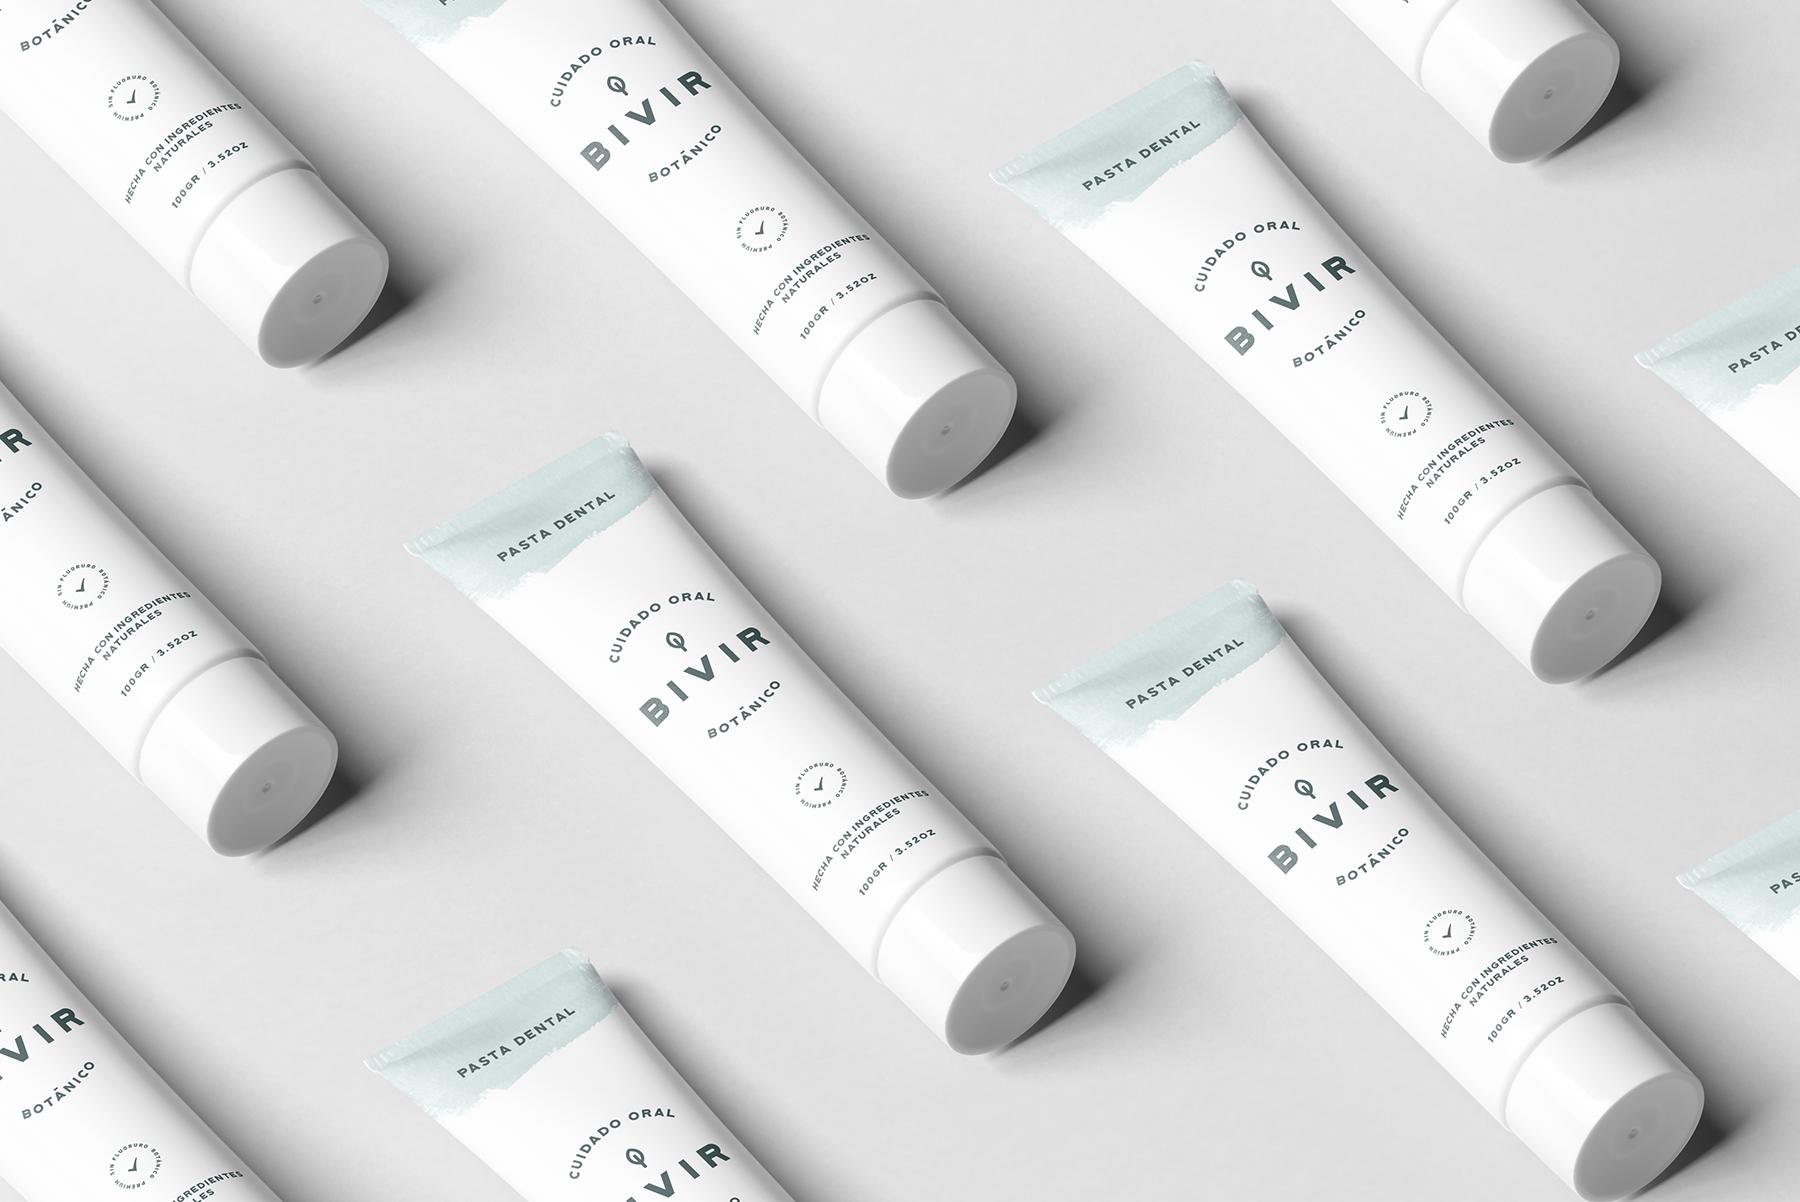 grid-bivir-toothpaste-yoenpaperland